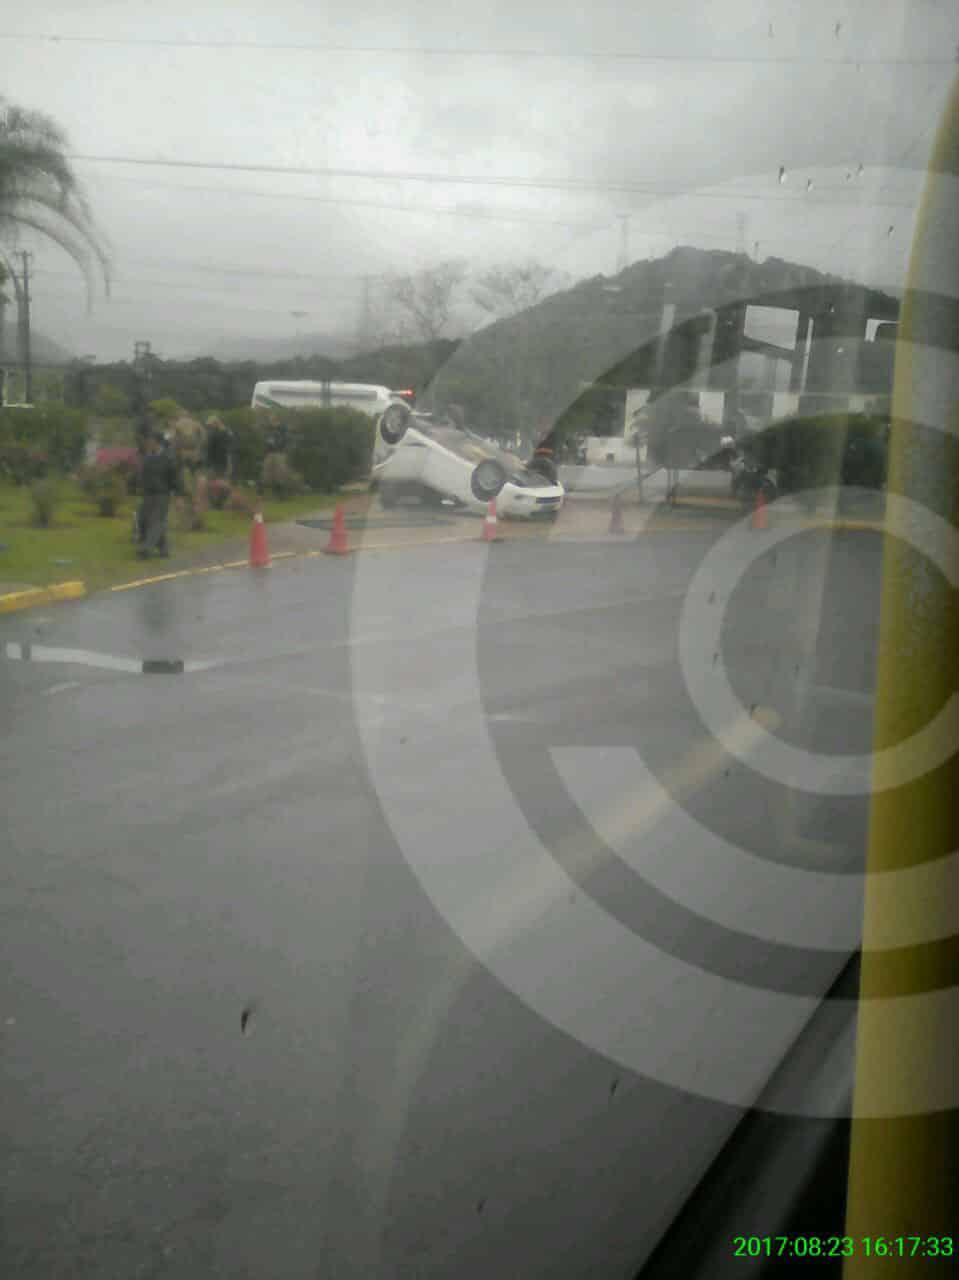 capotamento-tican-acidente-floripa-07